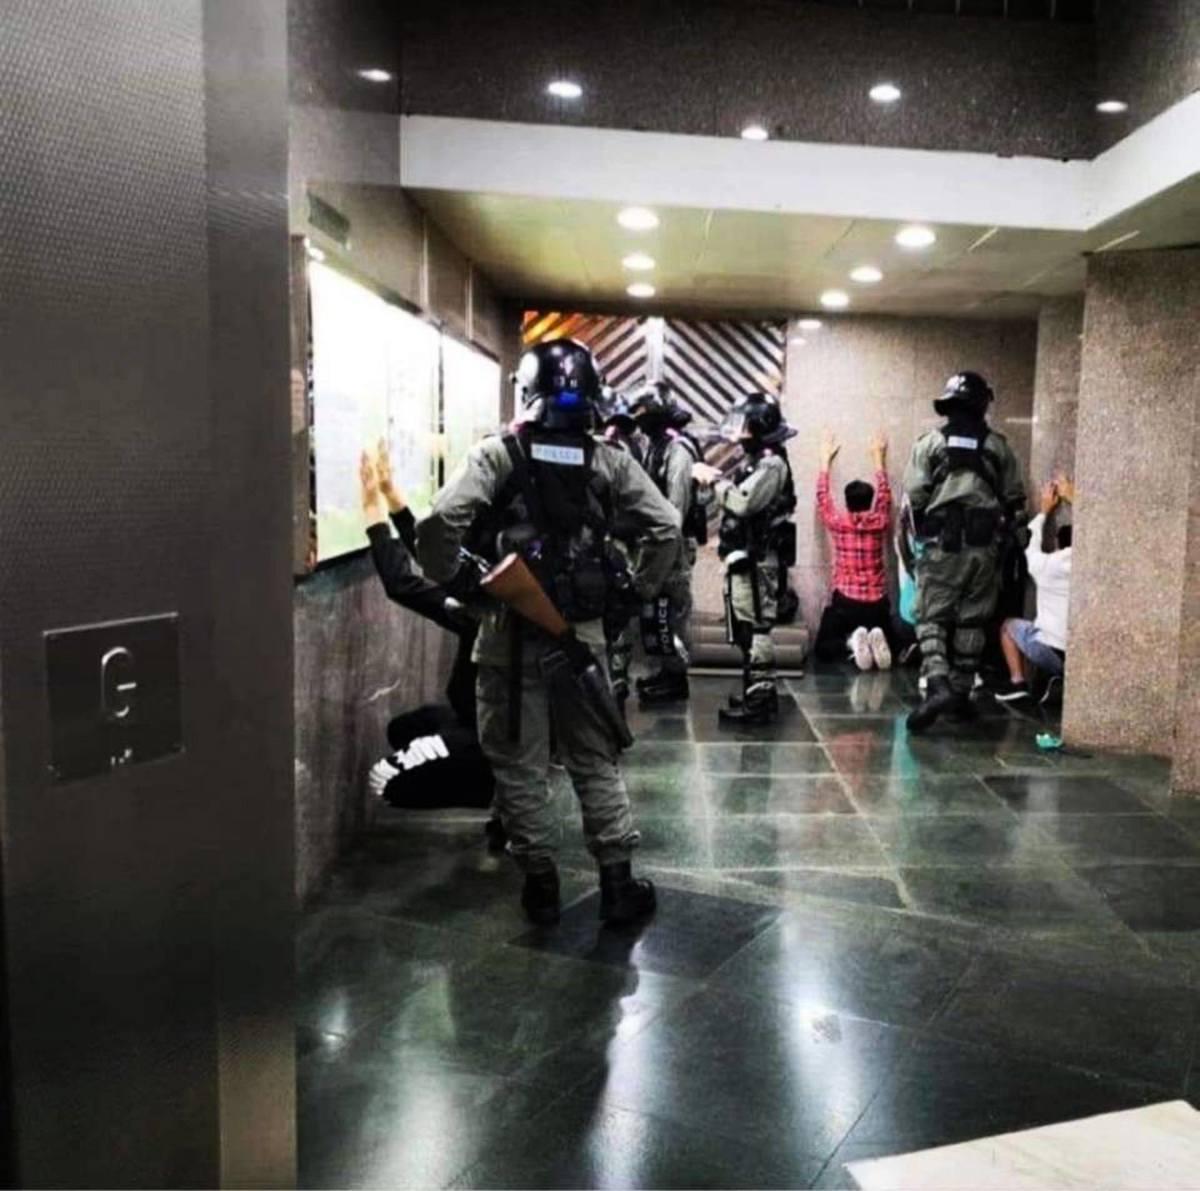 30日晚,在屯門發生警民衝突,警察闖入私人屋苑抓人,只少十多住民被警方帶走。(網絡圖片)